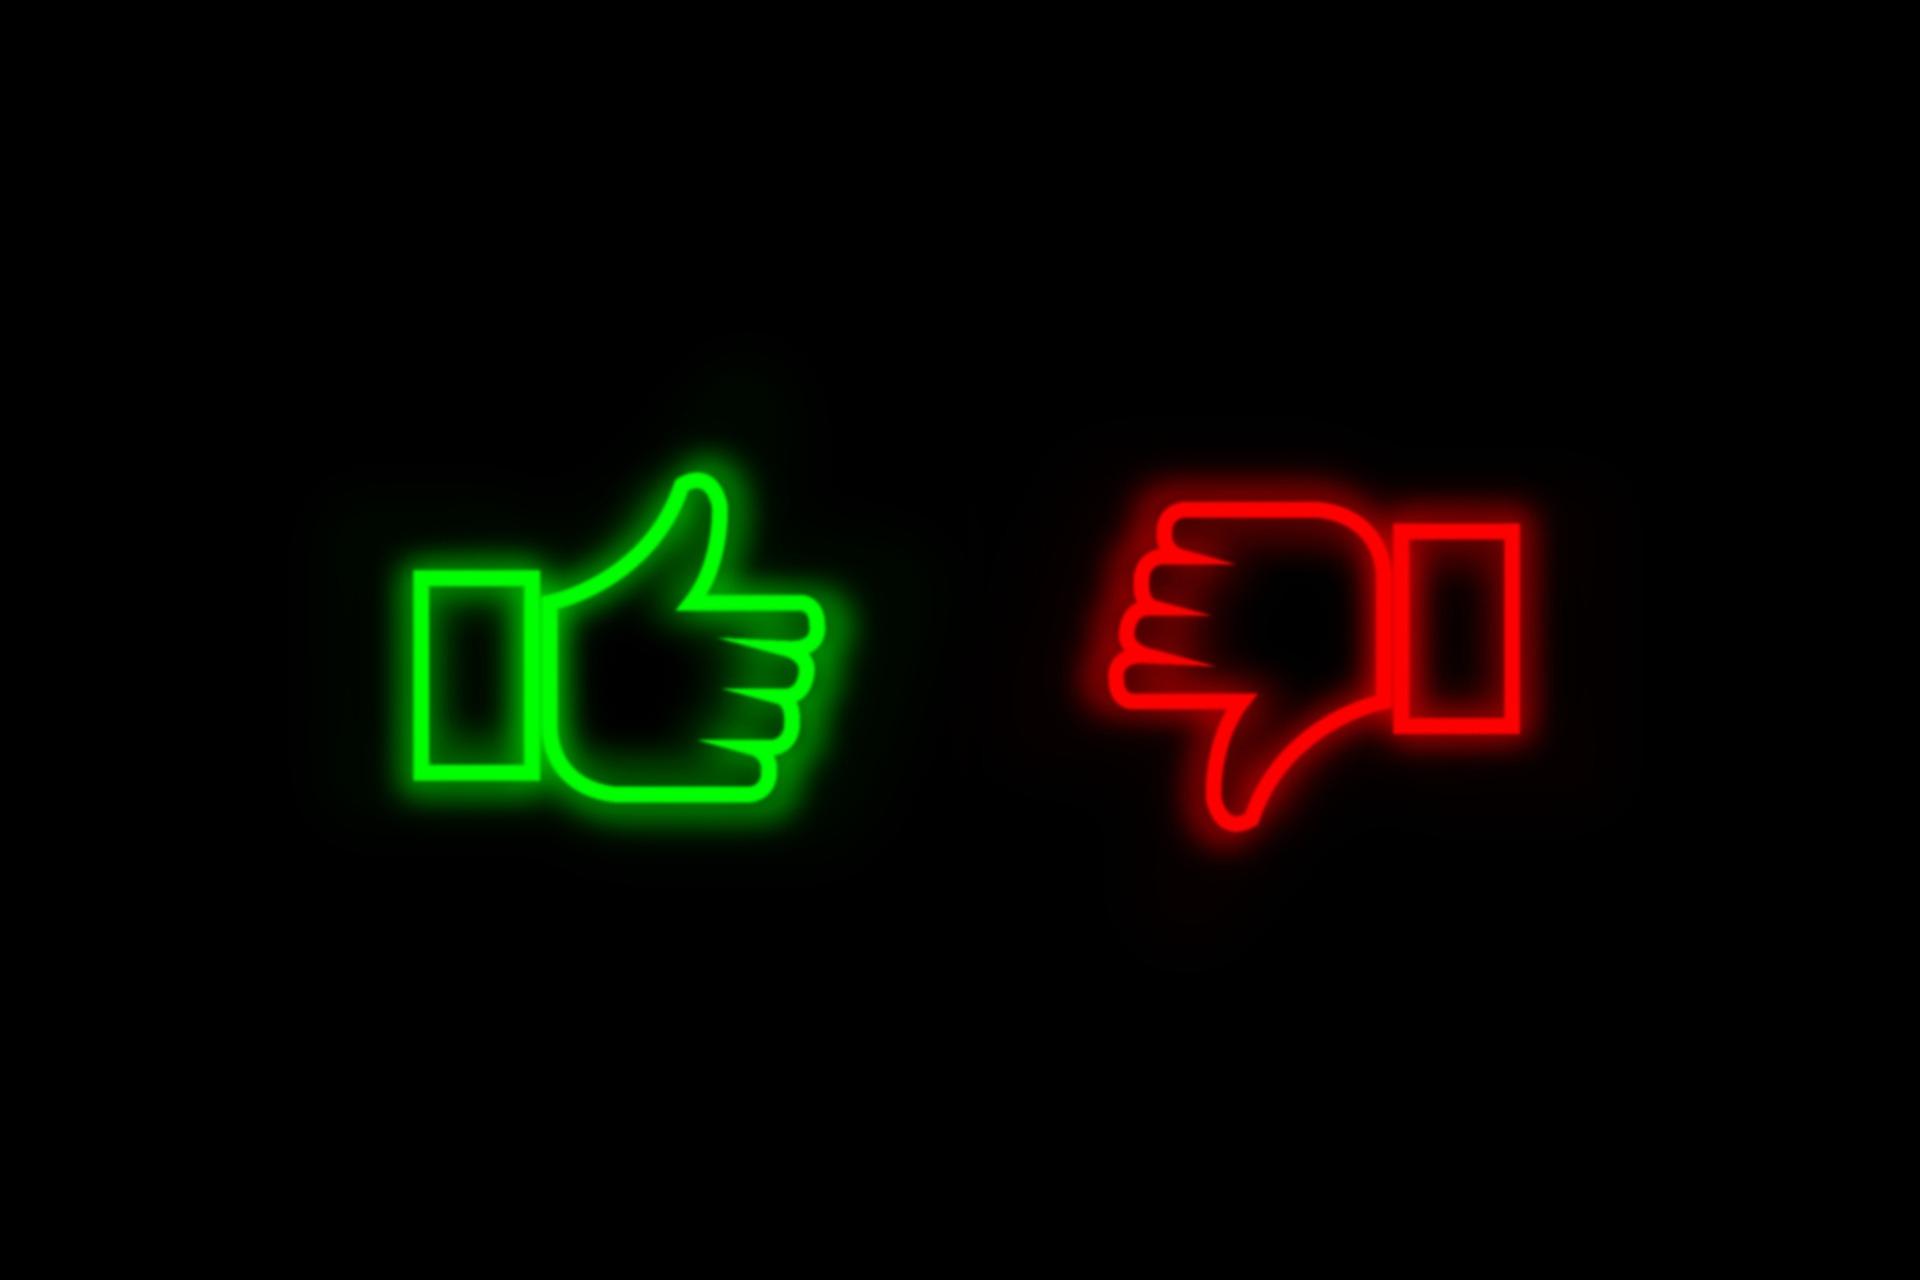 thumb-up-and-thumb-down